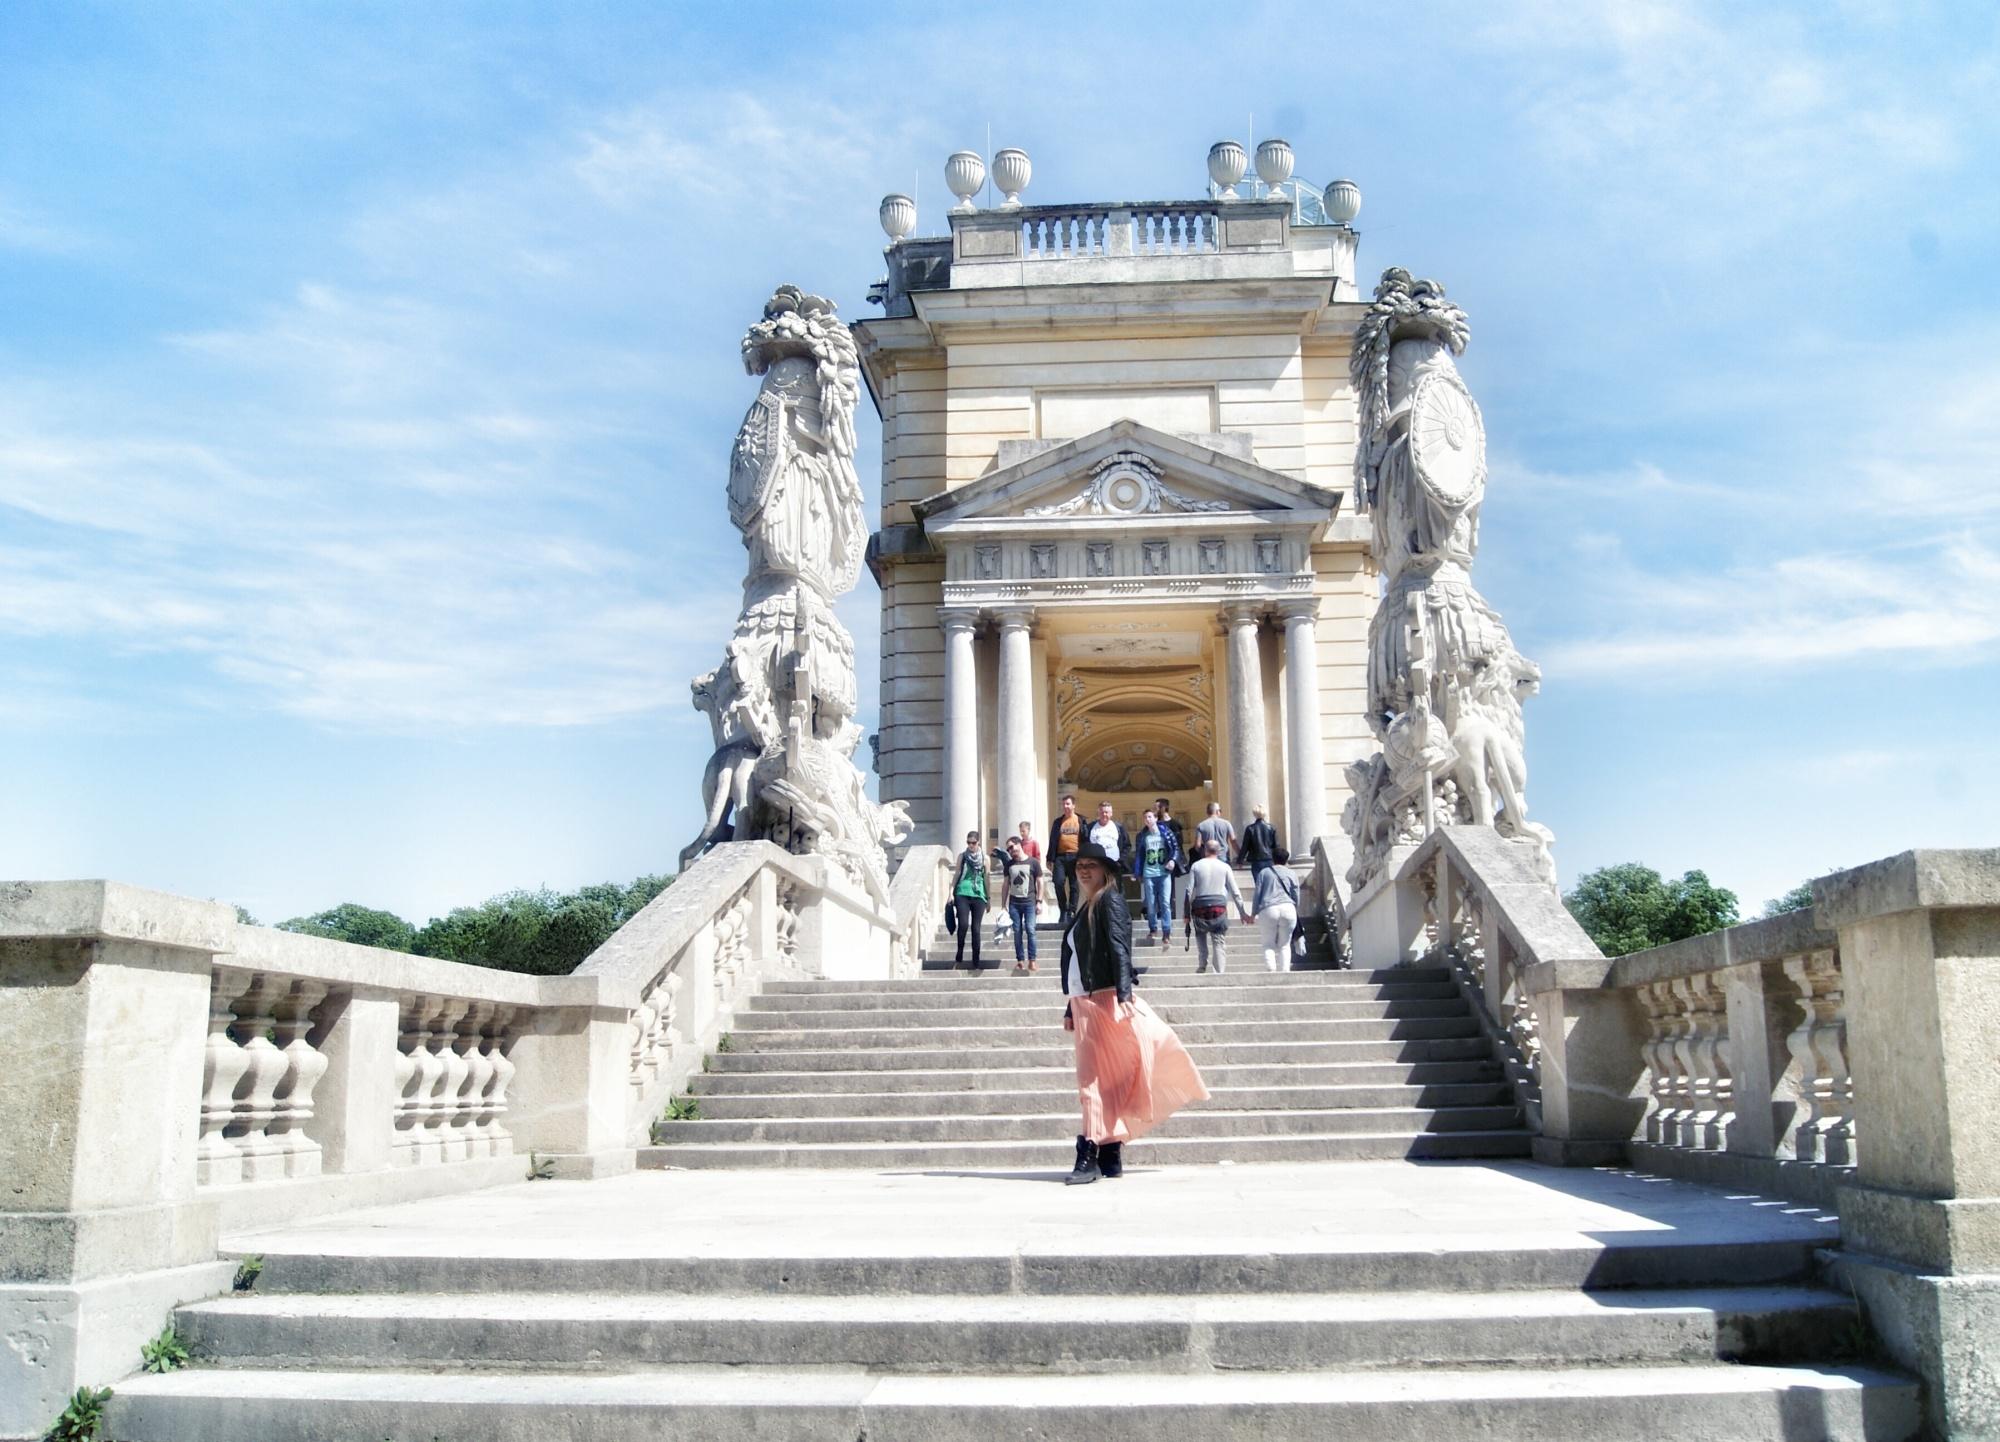 The Gloriette stairs Schonbrunn Vienna